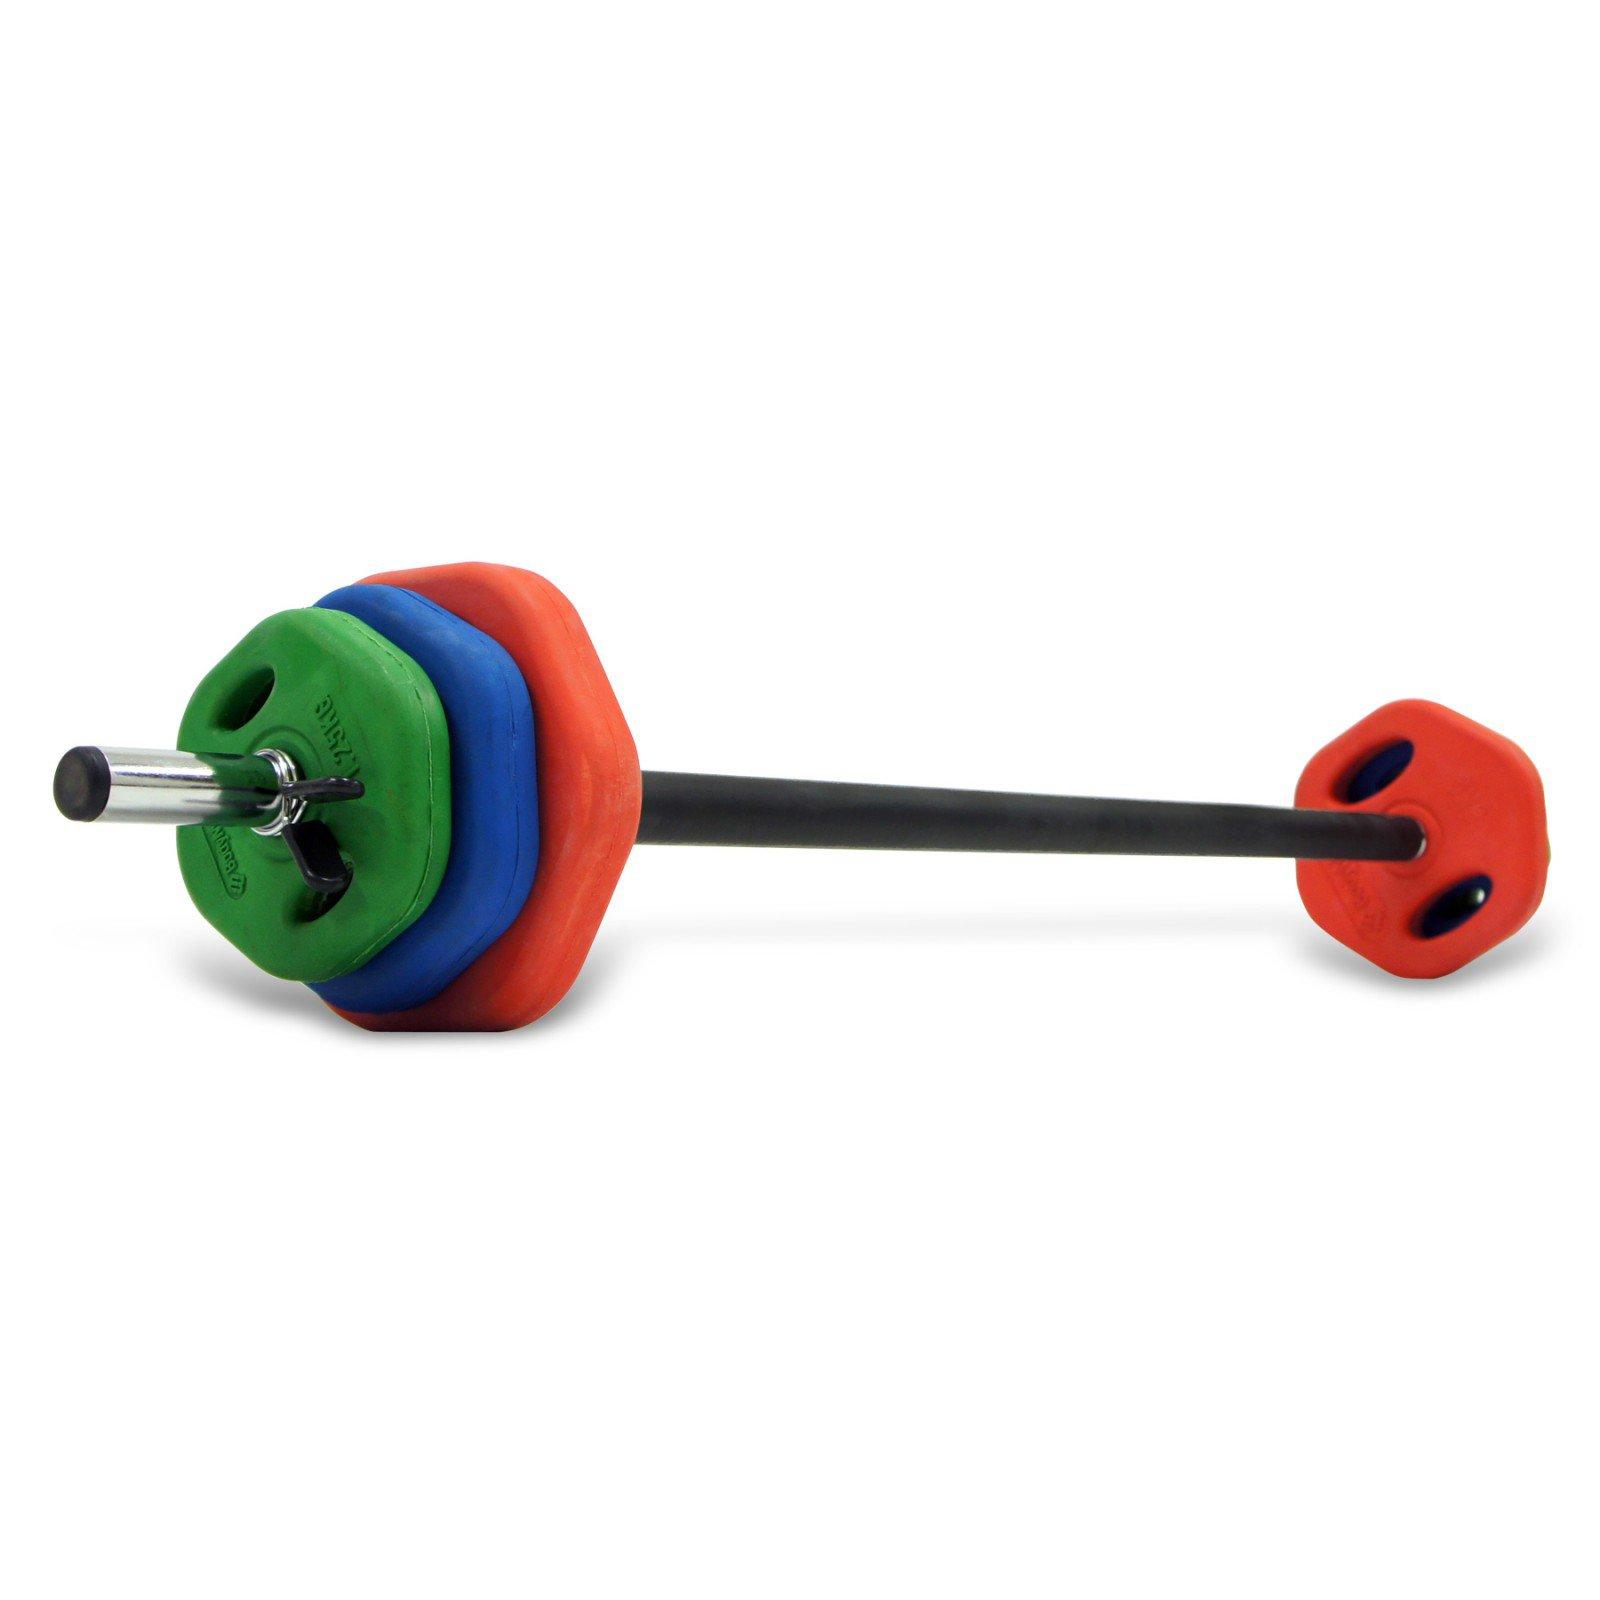 Tesco Dumbbell Set: Bodymax 20Kg Coloured Rubber Studio Barbell Set